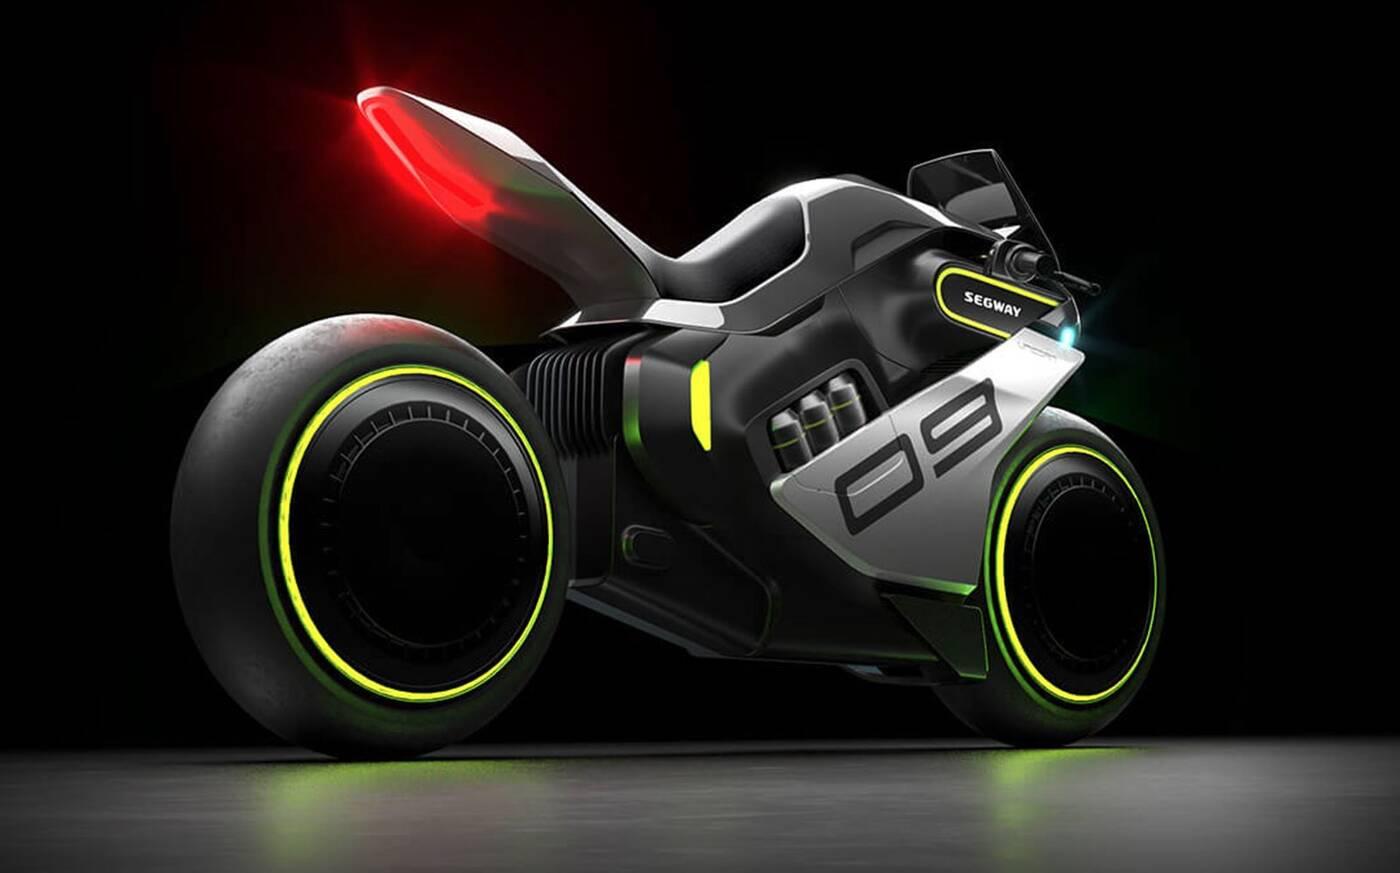 Spójrzcie na ten futurystyczny motocykl na wodór. Oto Apex H2 od Segway